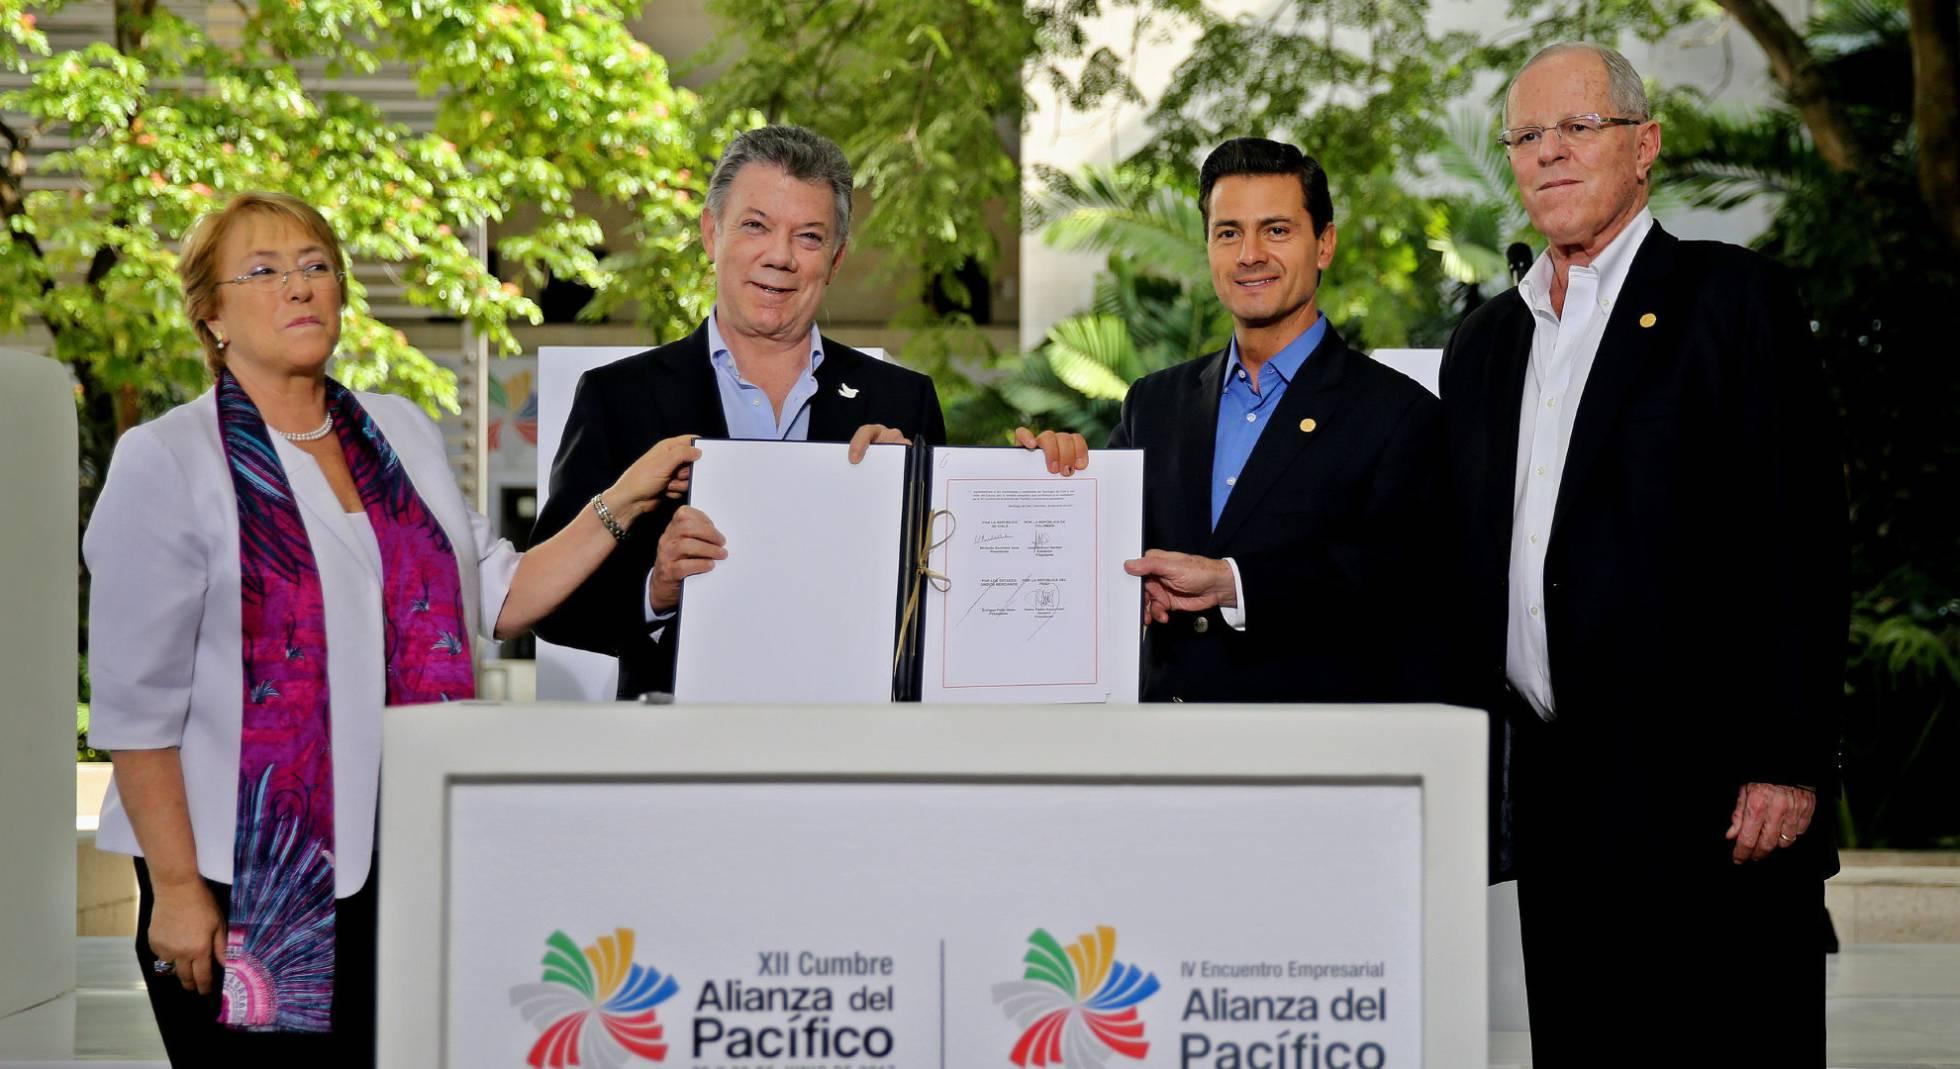 Aliança do Pacífico incorpora mais quatro países